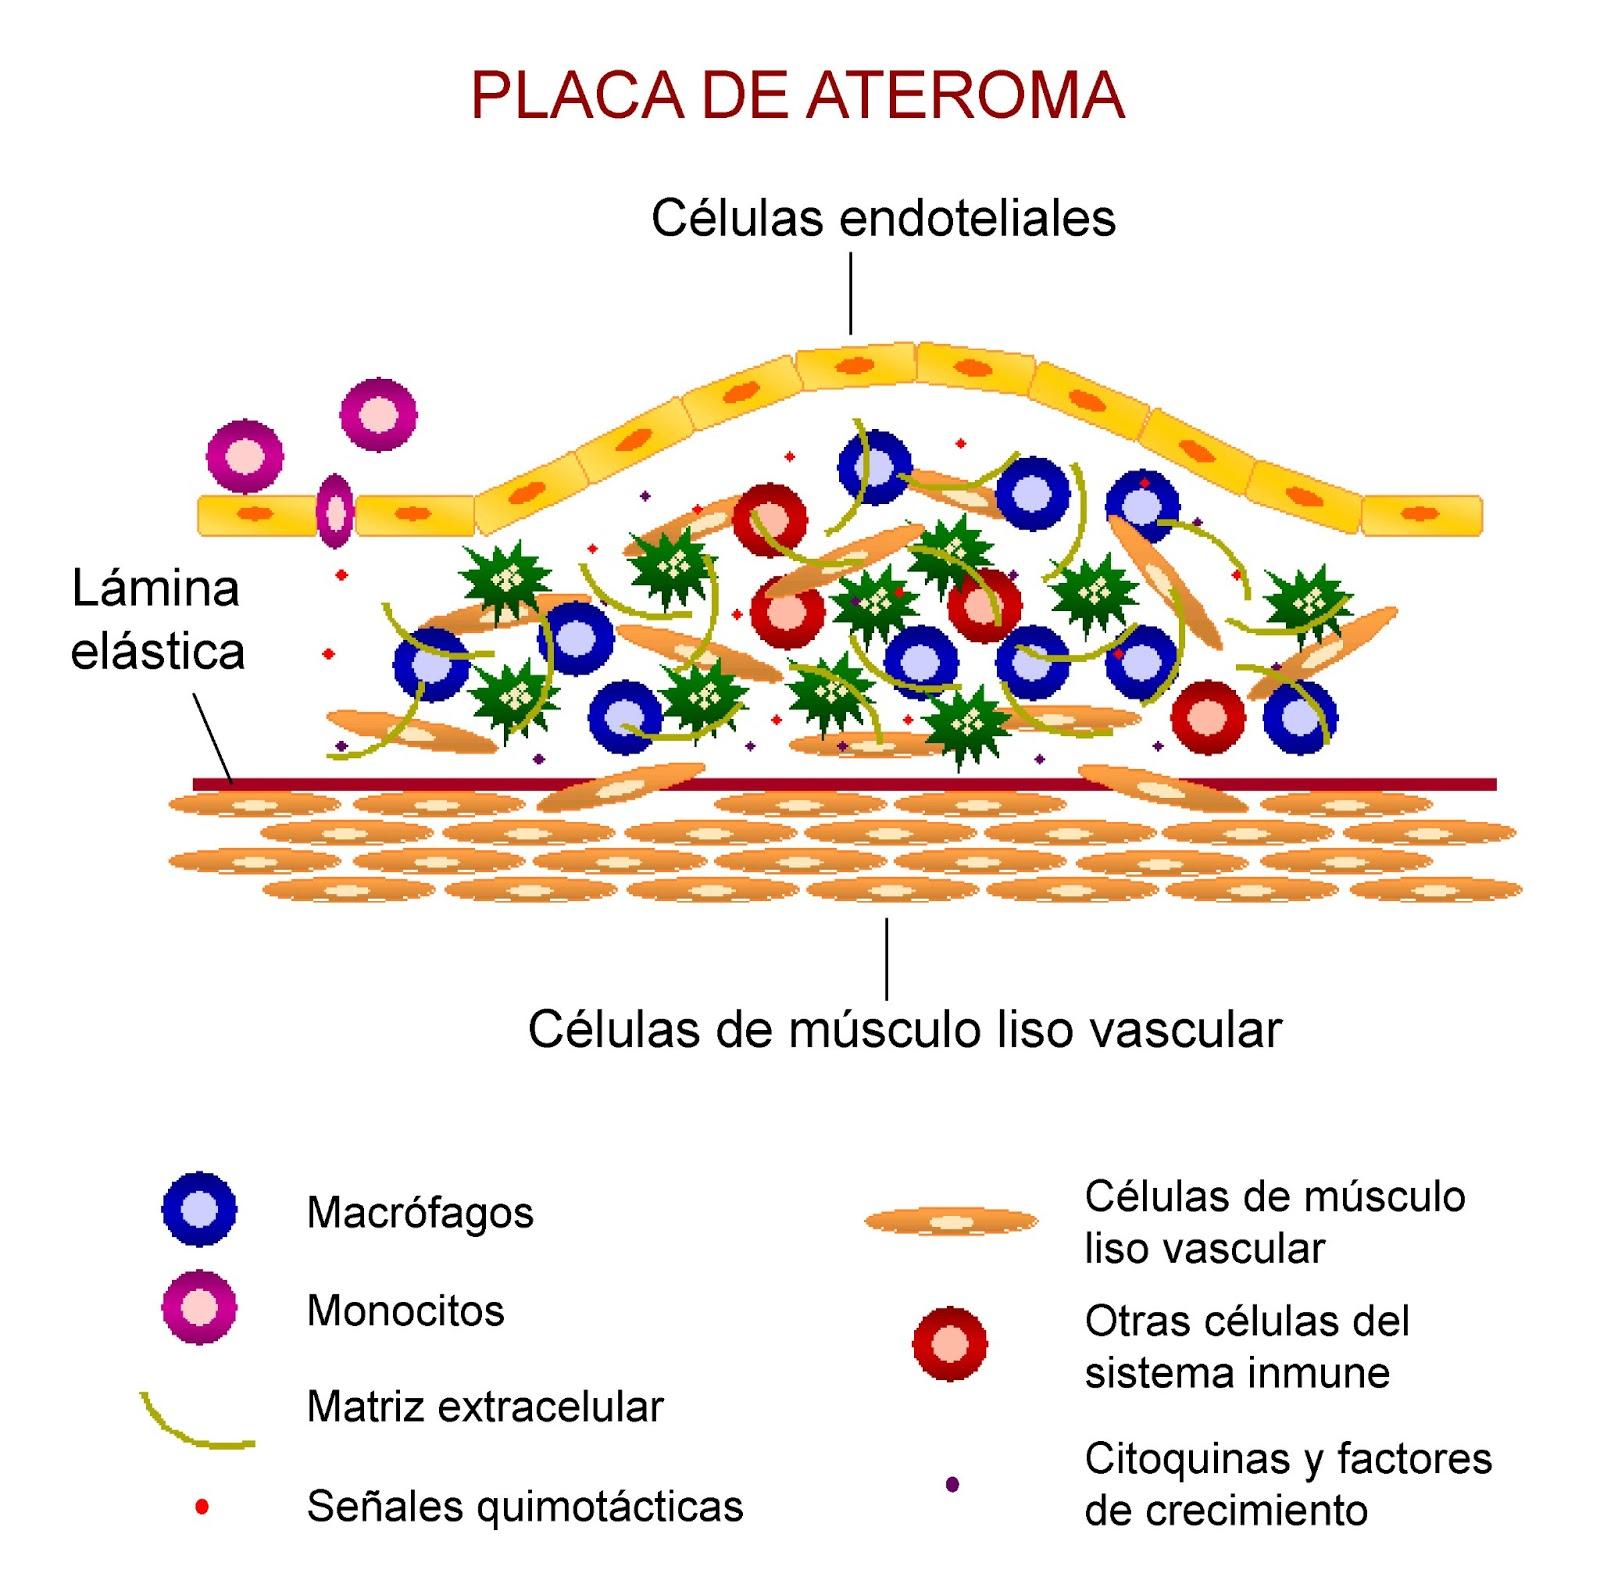 Composición de una placa de ateroma con diferentes tipos celulares y moléculas